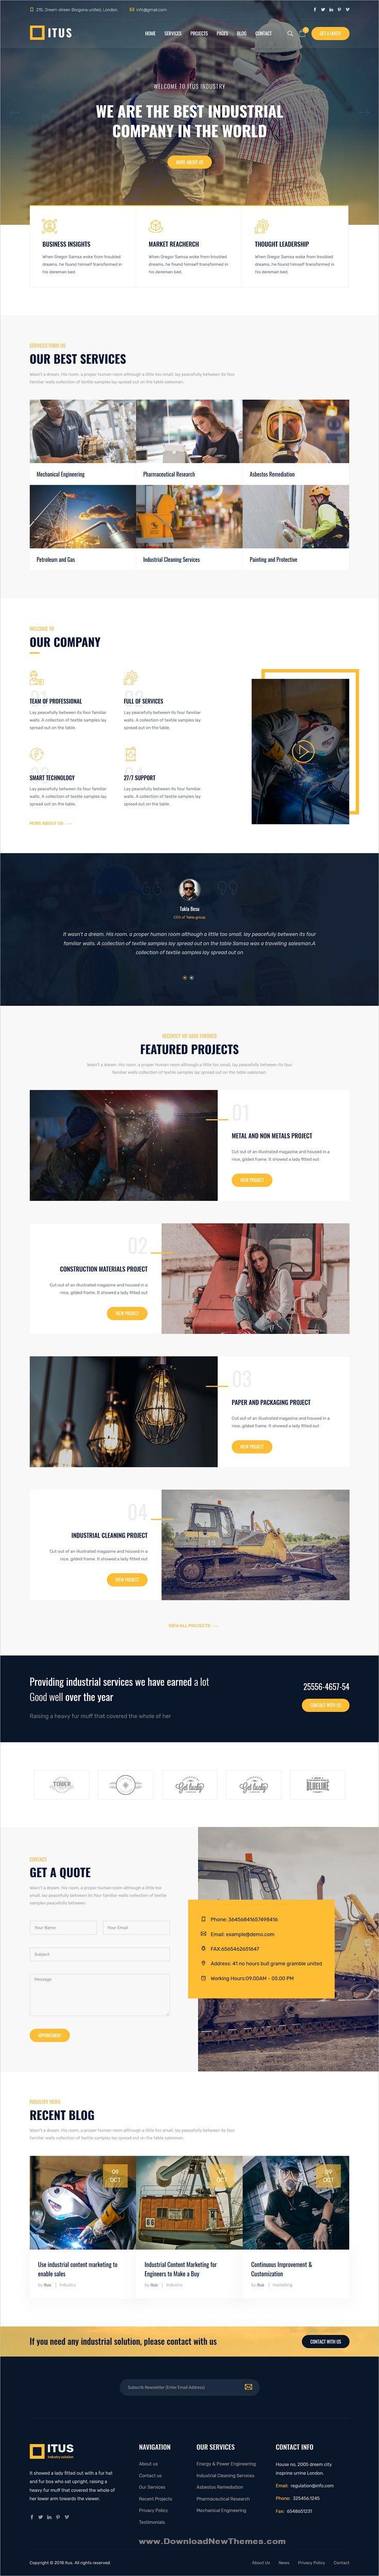 Itus Industrial Manufacturing Wordpress Theme Business Website Templates Wordpress Wordpress Theme